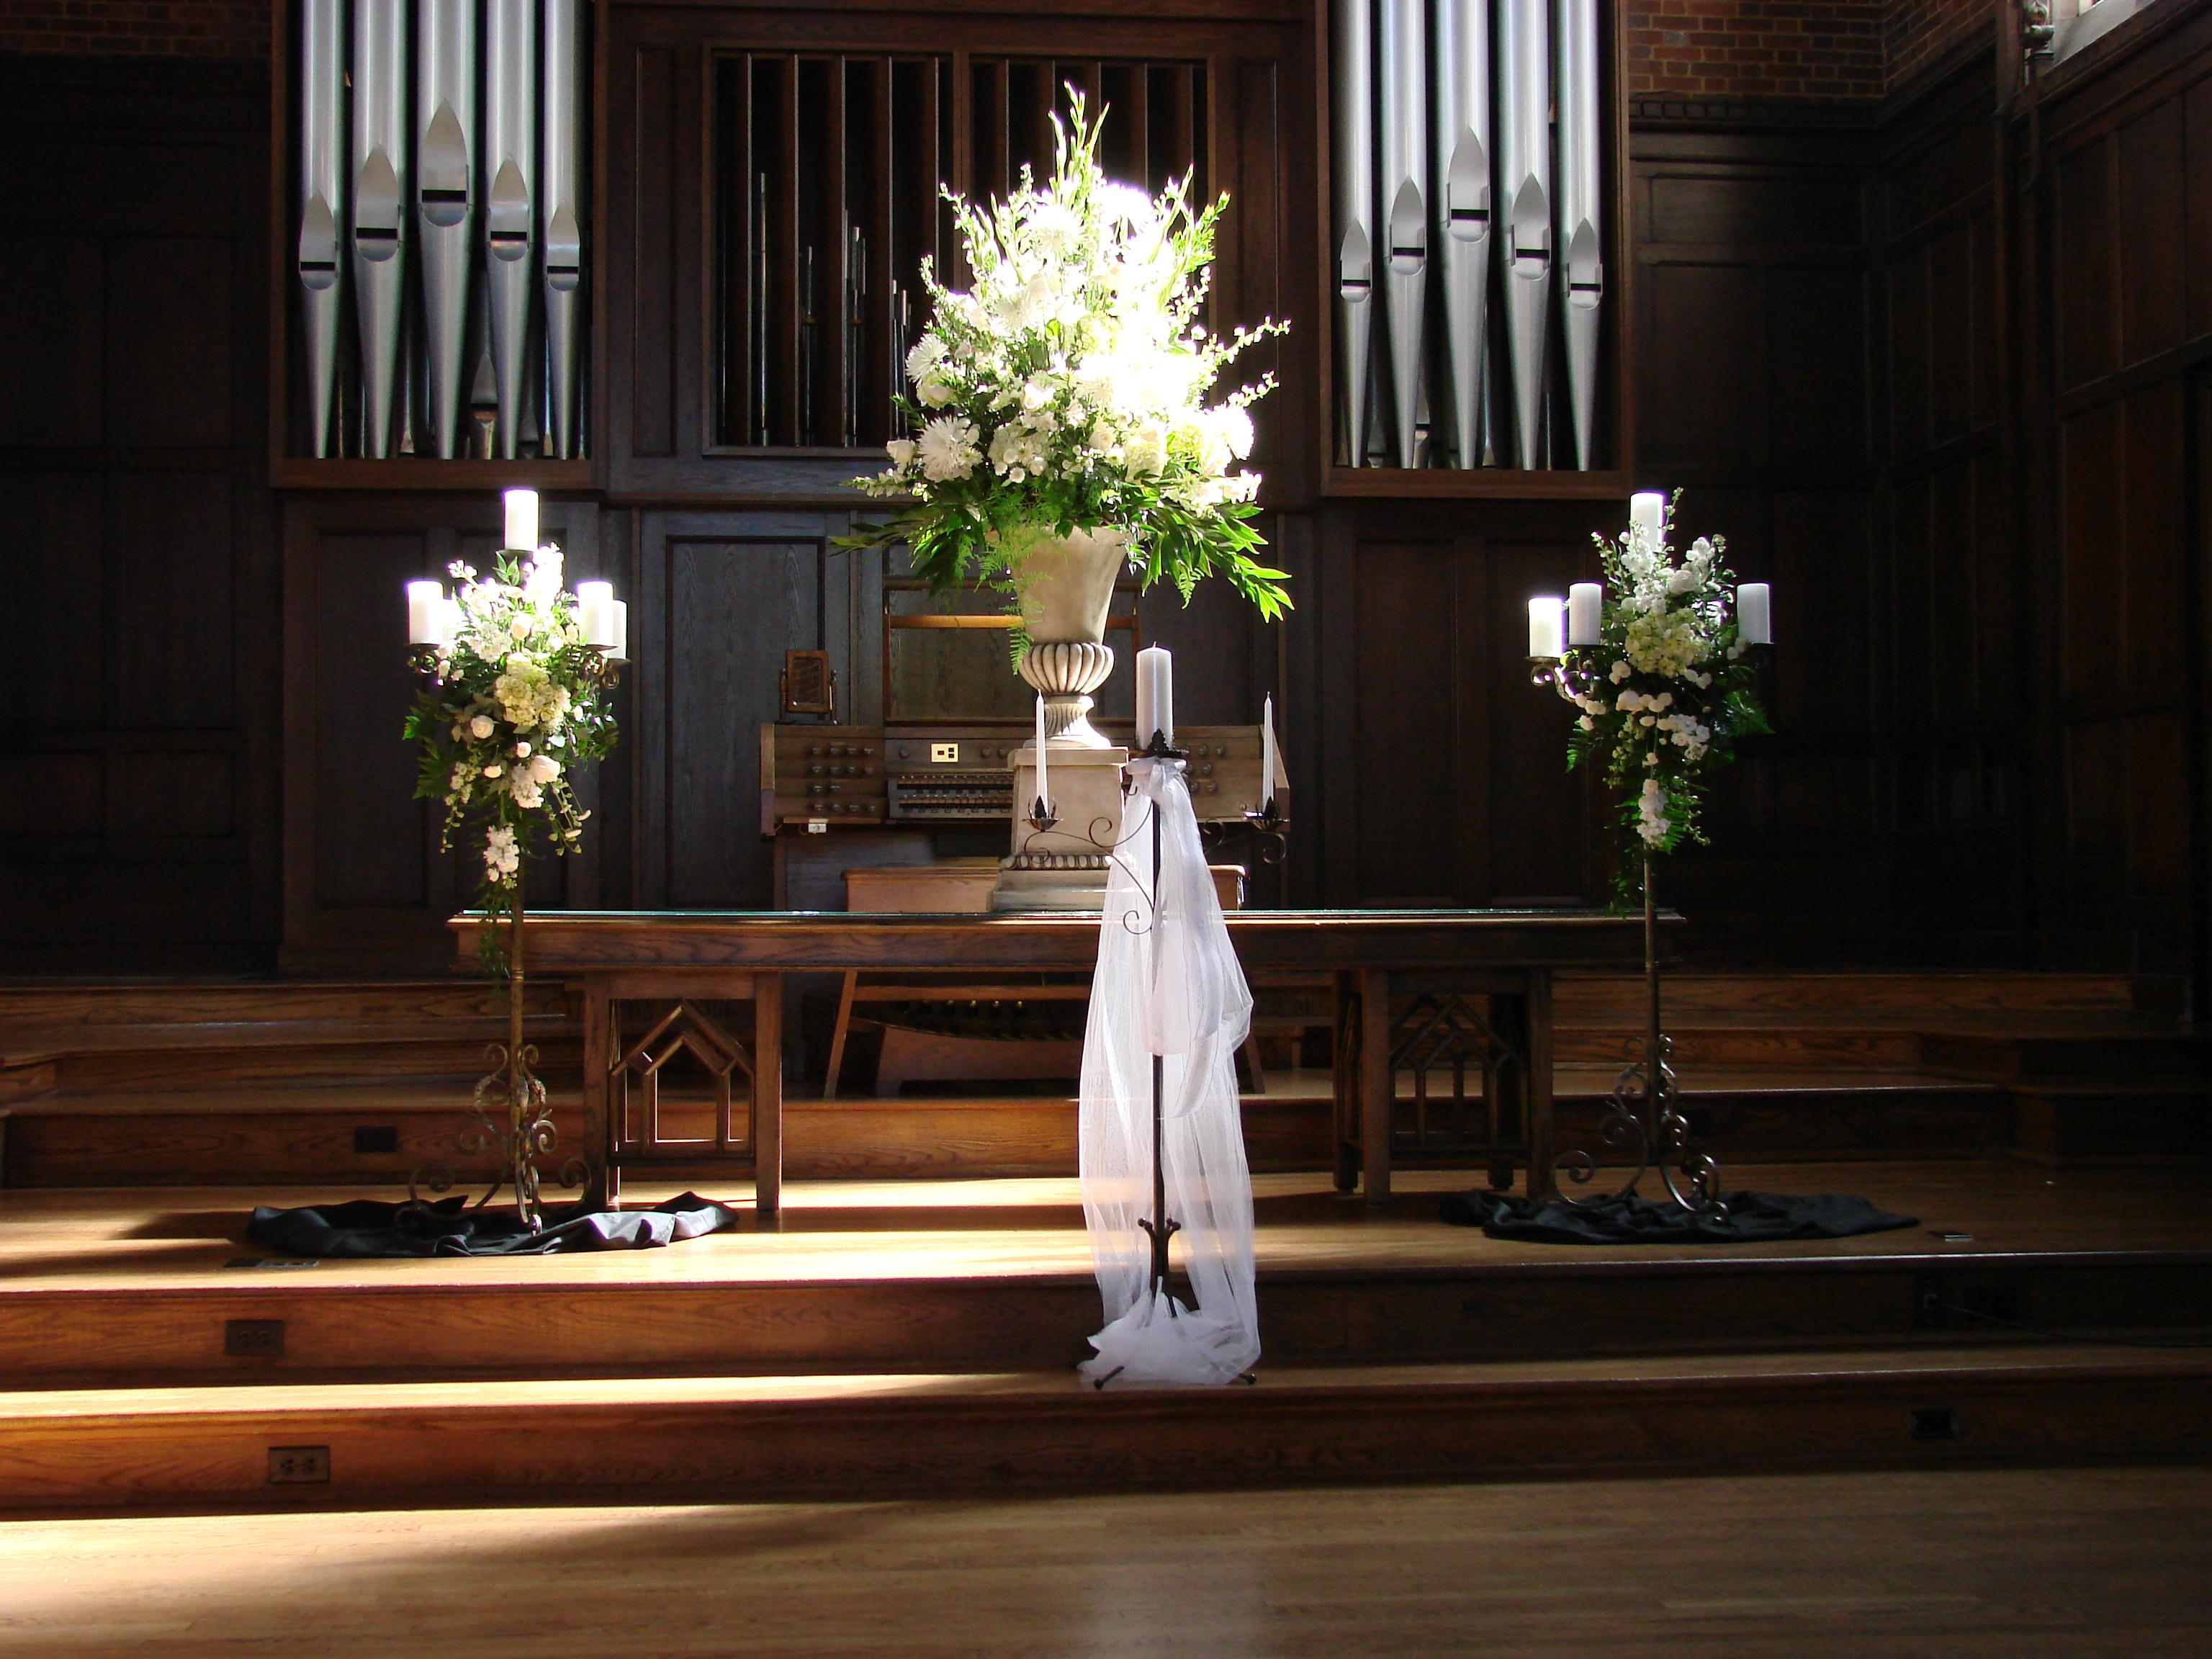 scarritt renee duplessie wedding october 20 2007032